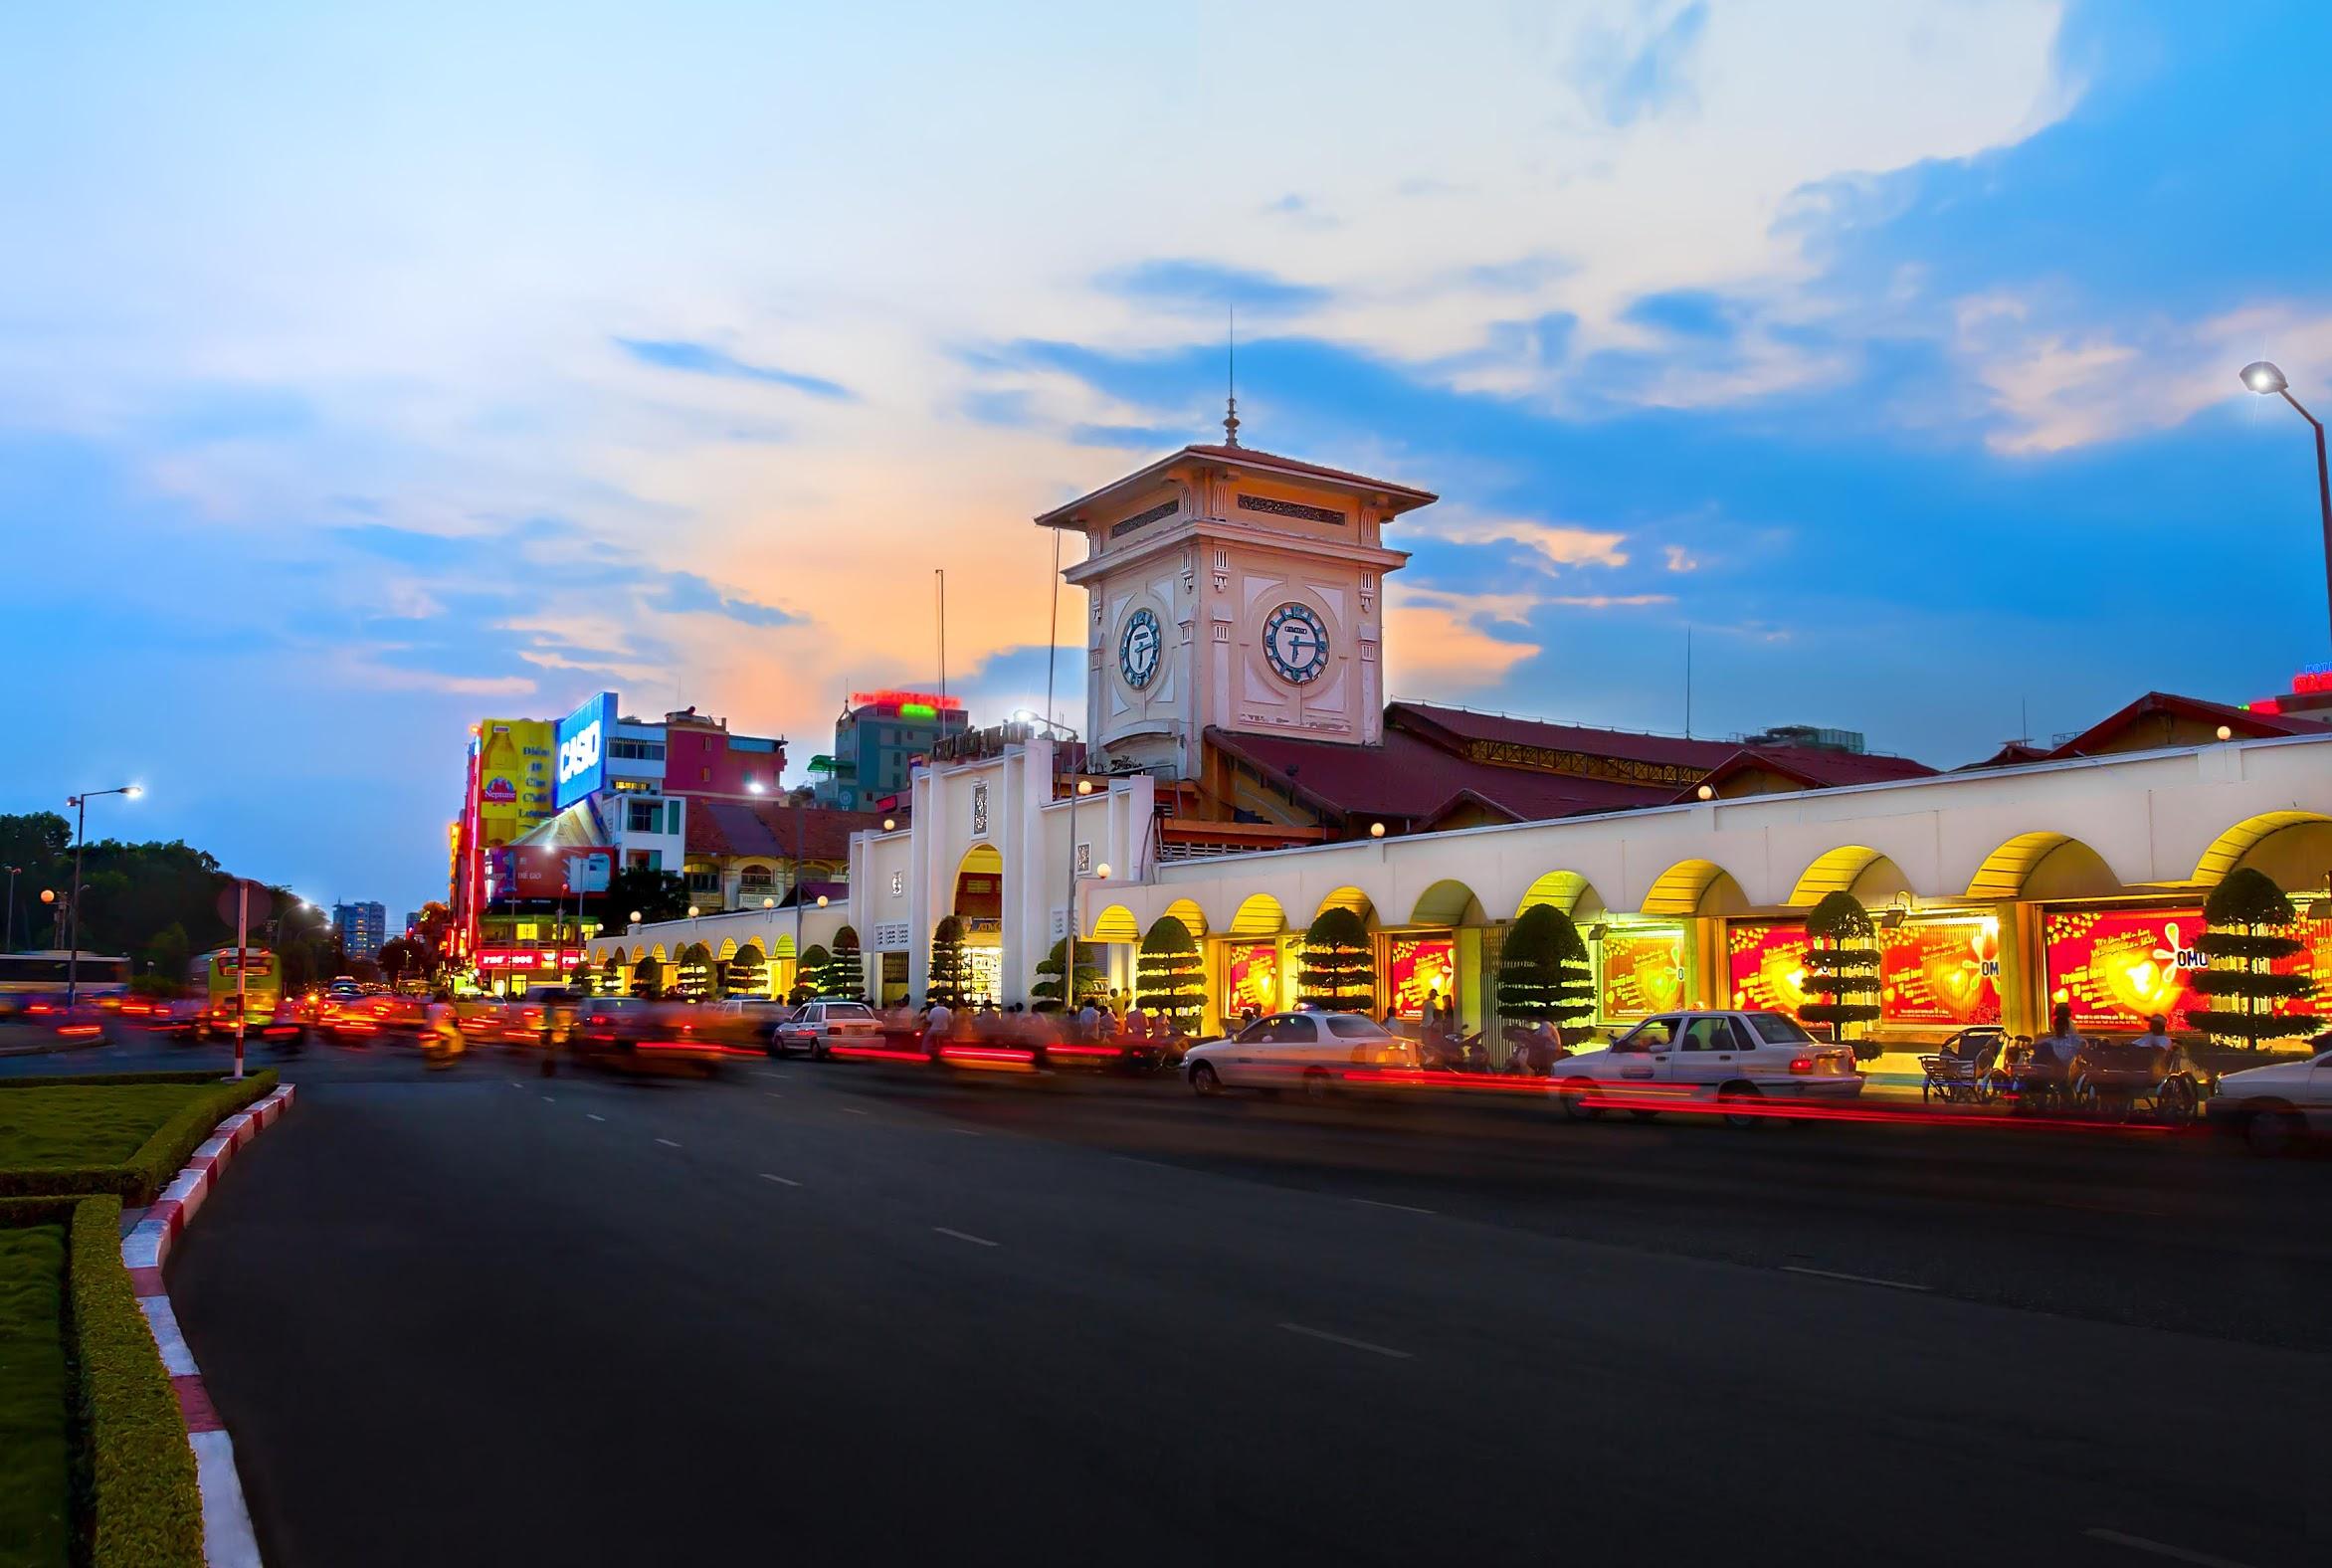 如何在越南胡志明市 (Hồ Chí Minh)辦理申請簽證延期?入出境管理局地址是?